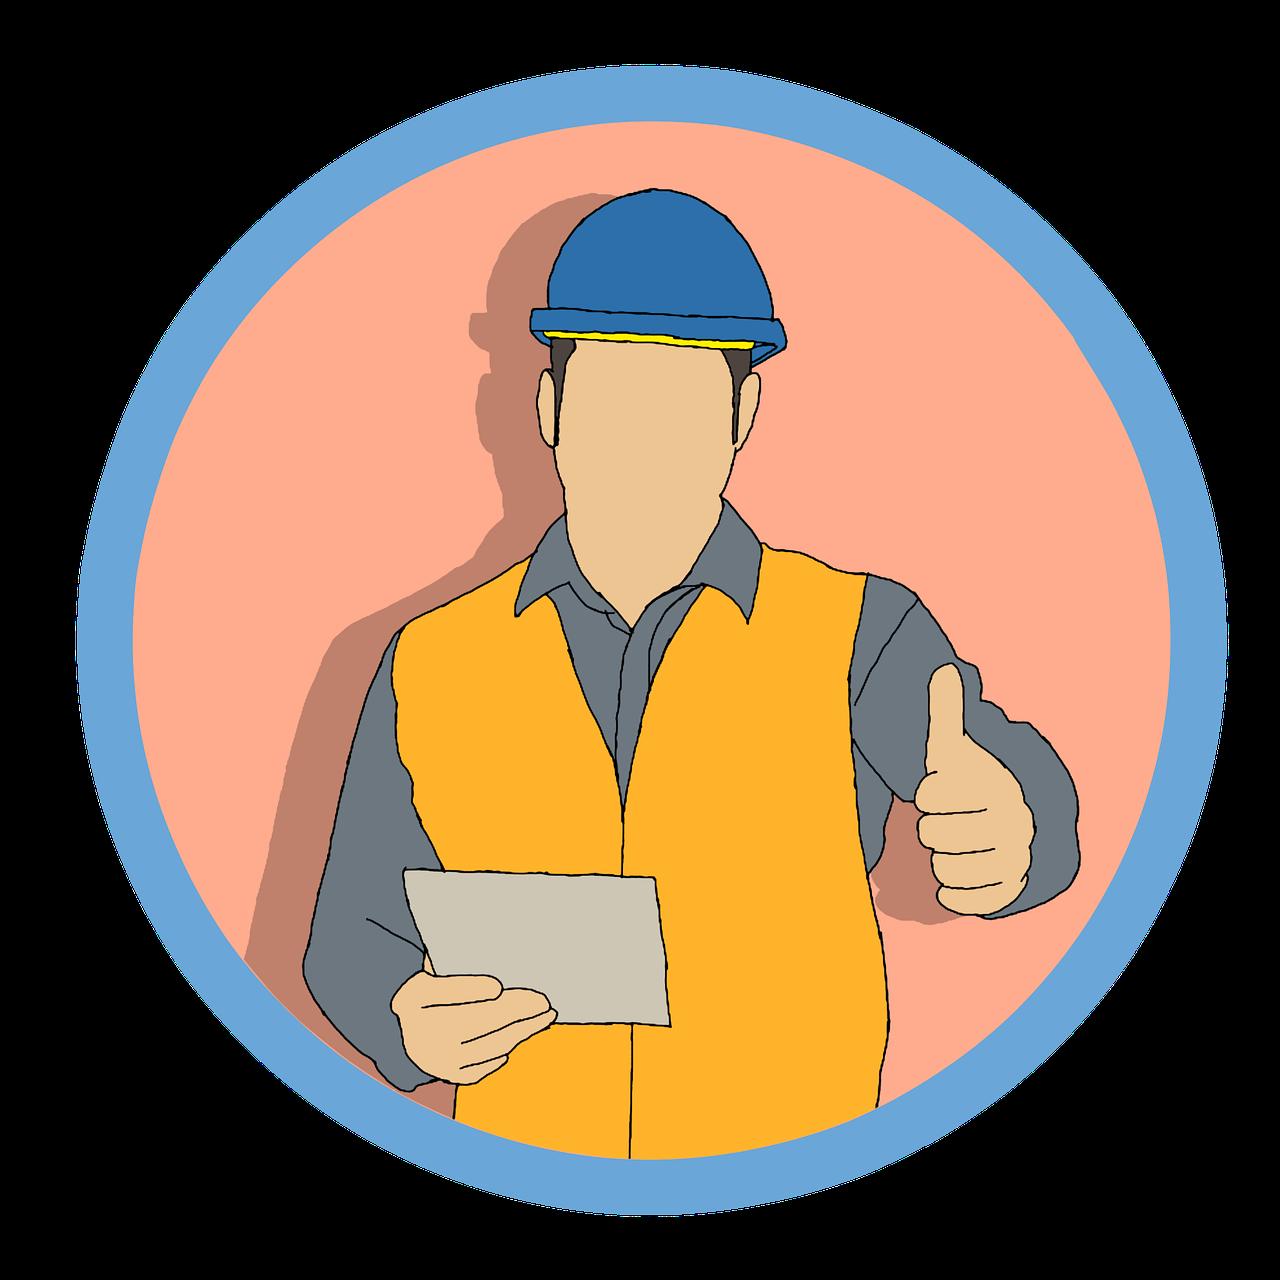 ocupación, industria de construccion, trabajo